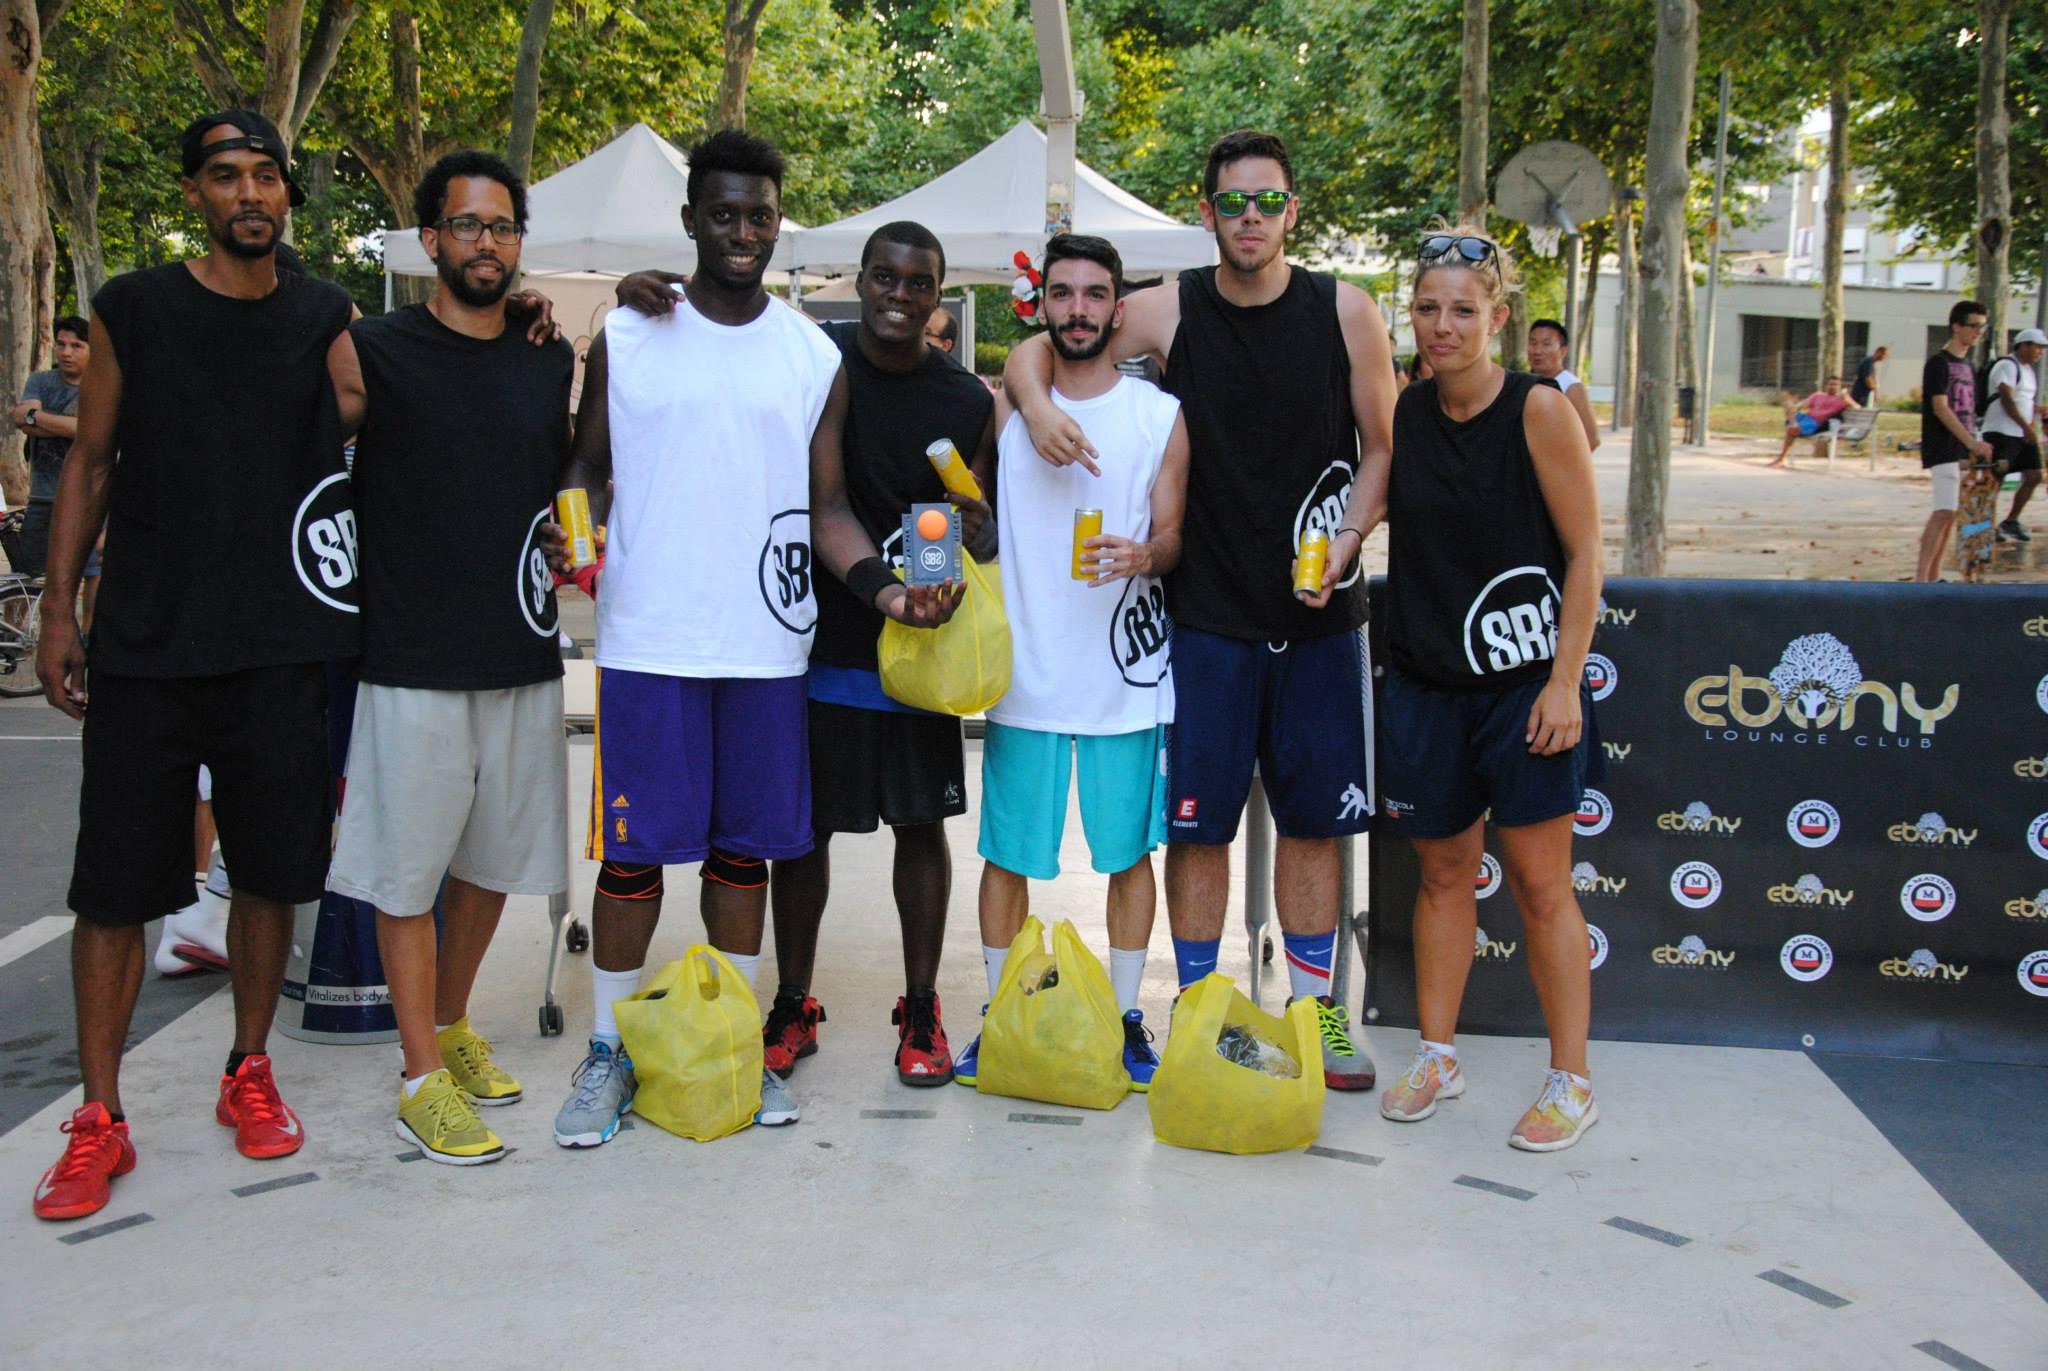 https://www.streetballbcnsants.com/wp-content/uploads/2017/11/SBS-Hazlo-en-el-park-IV-17.jpeg